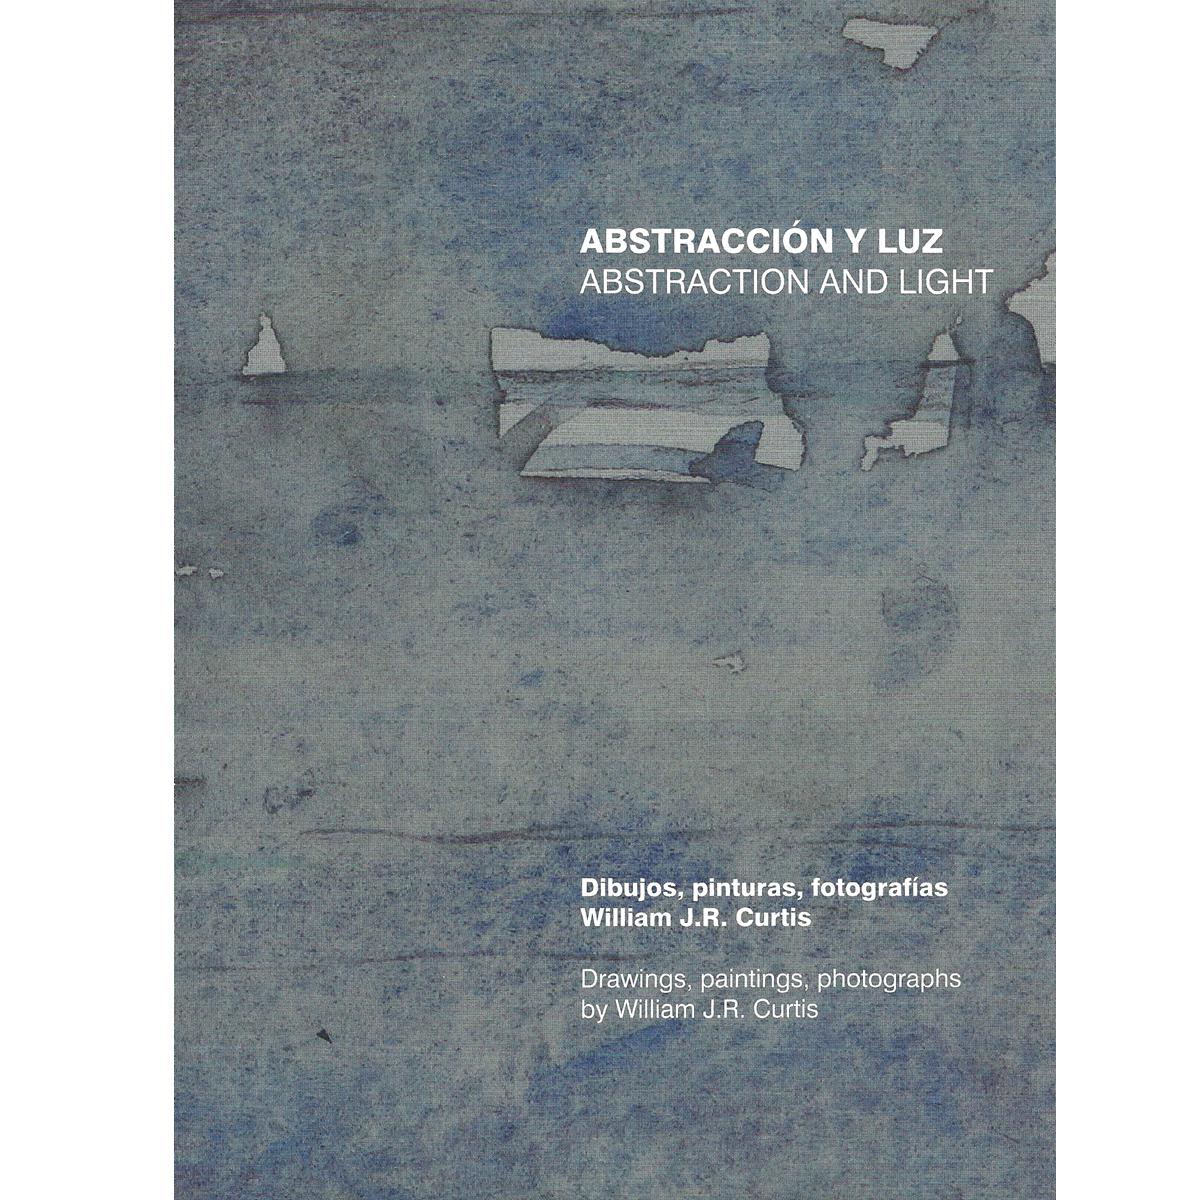 Abstracción y luz. Dibujos, pinturas, fotografías